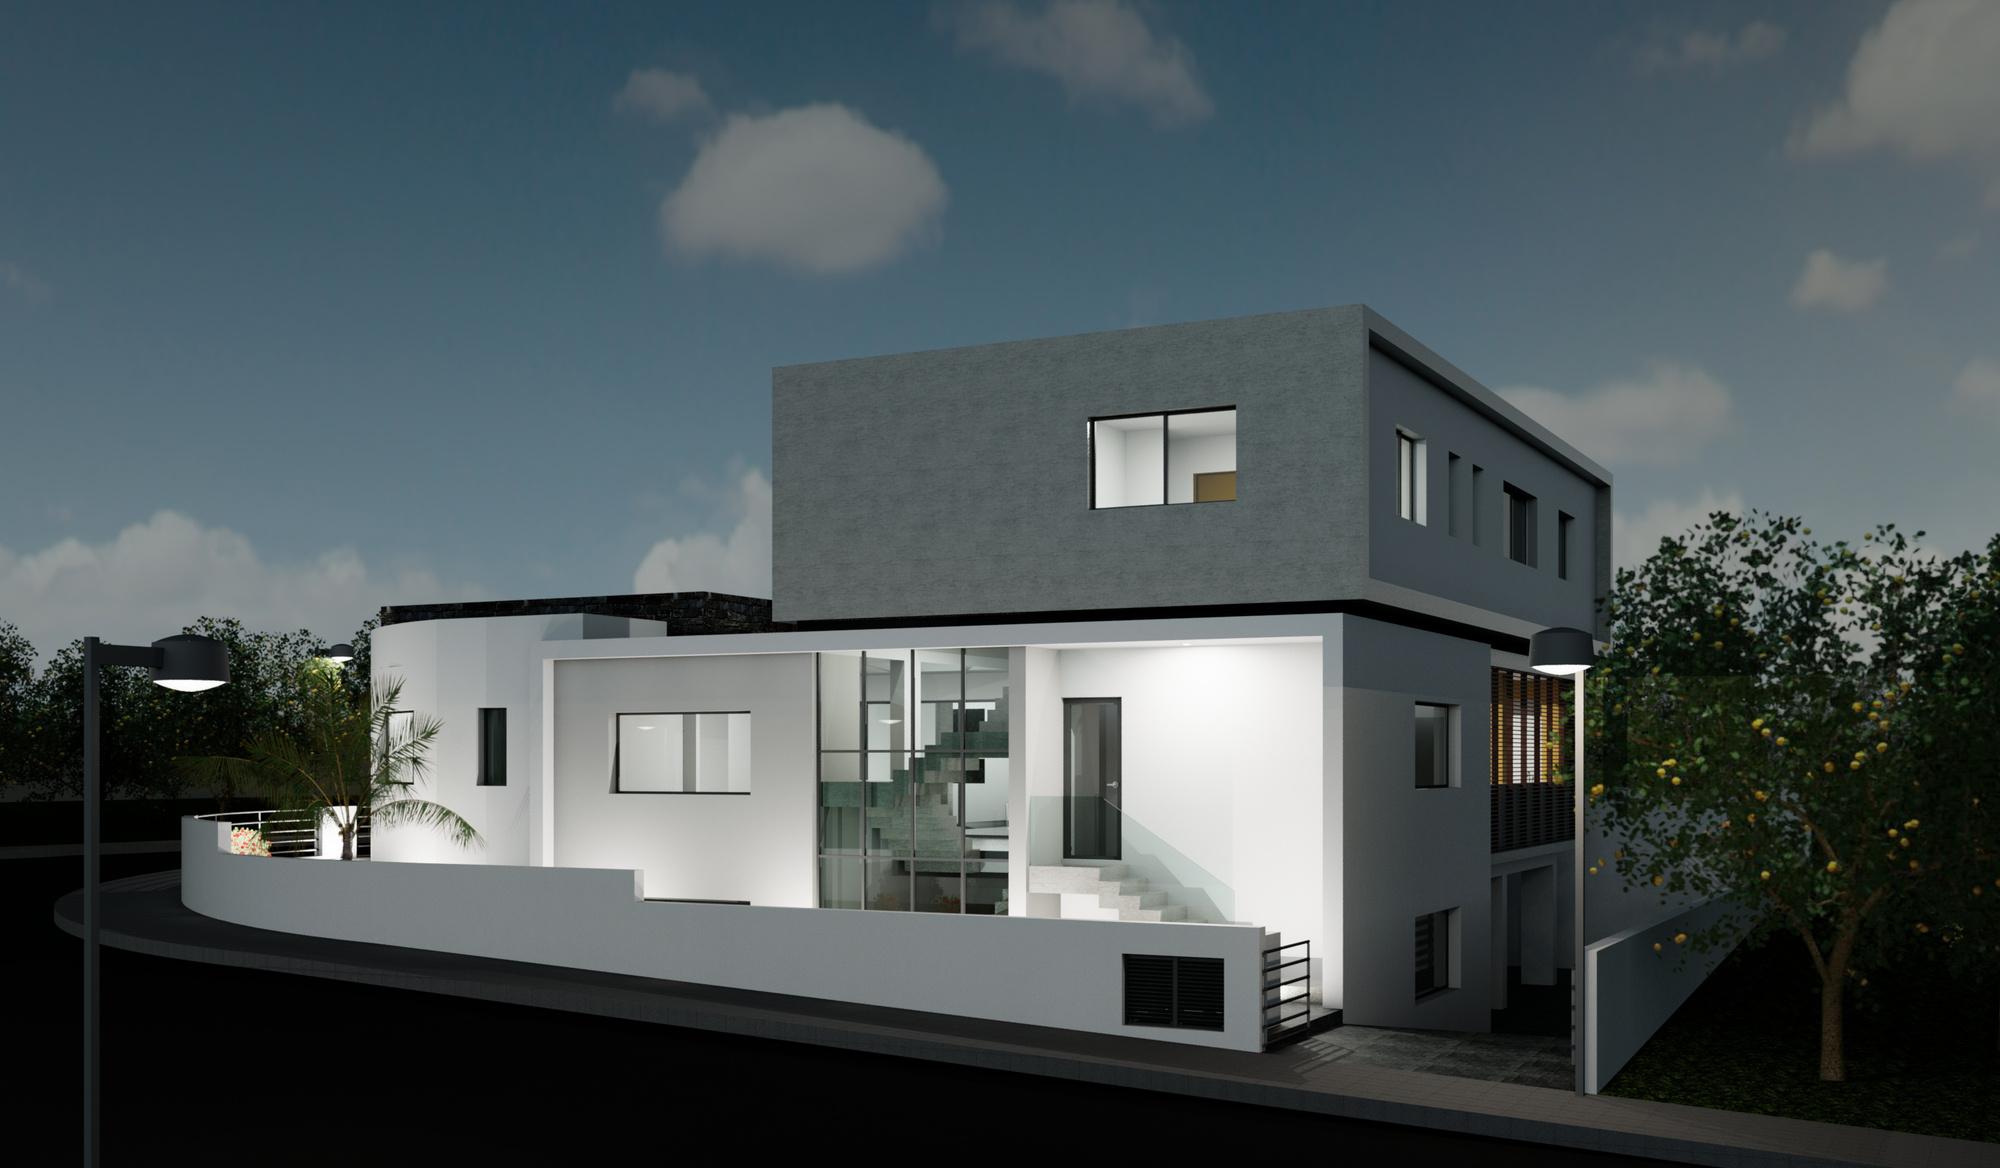 Raas-rendering20141222-15806-uky3f6